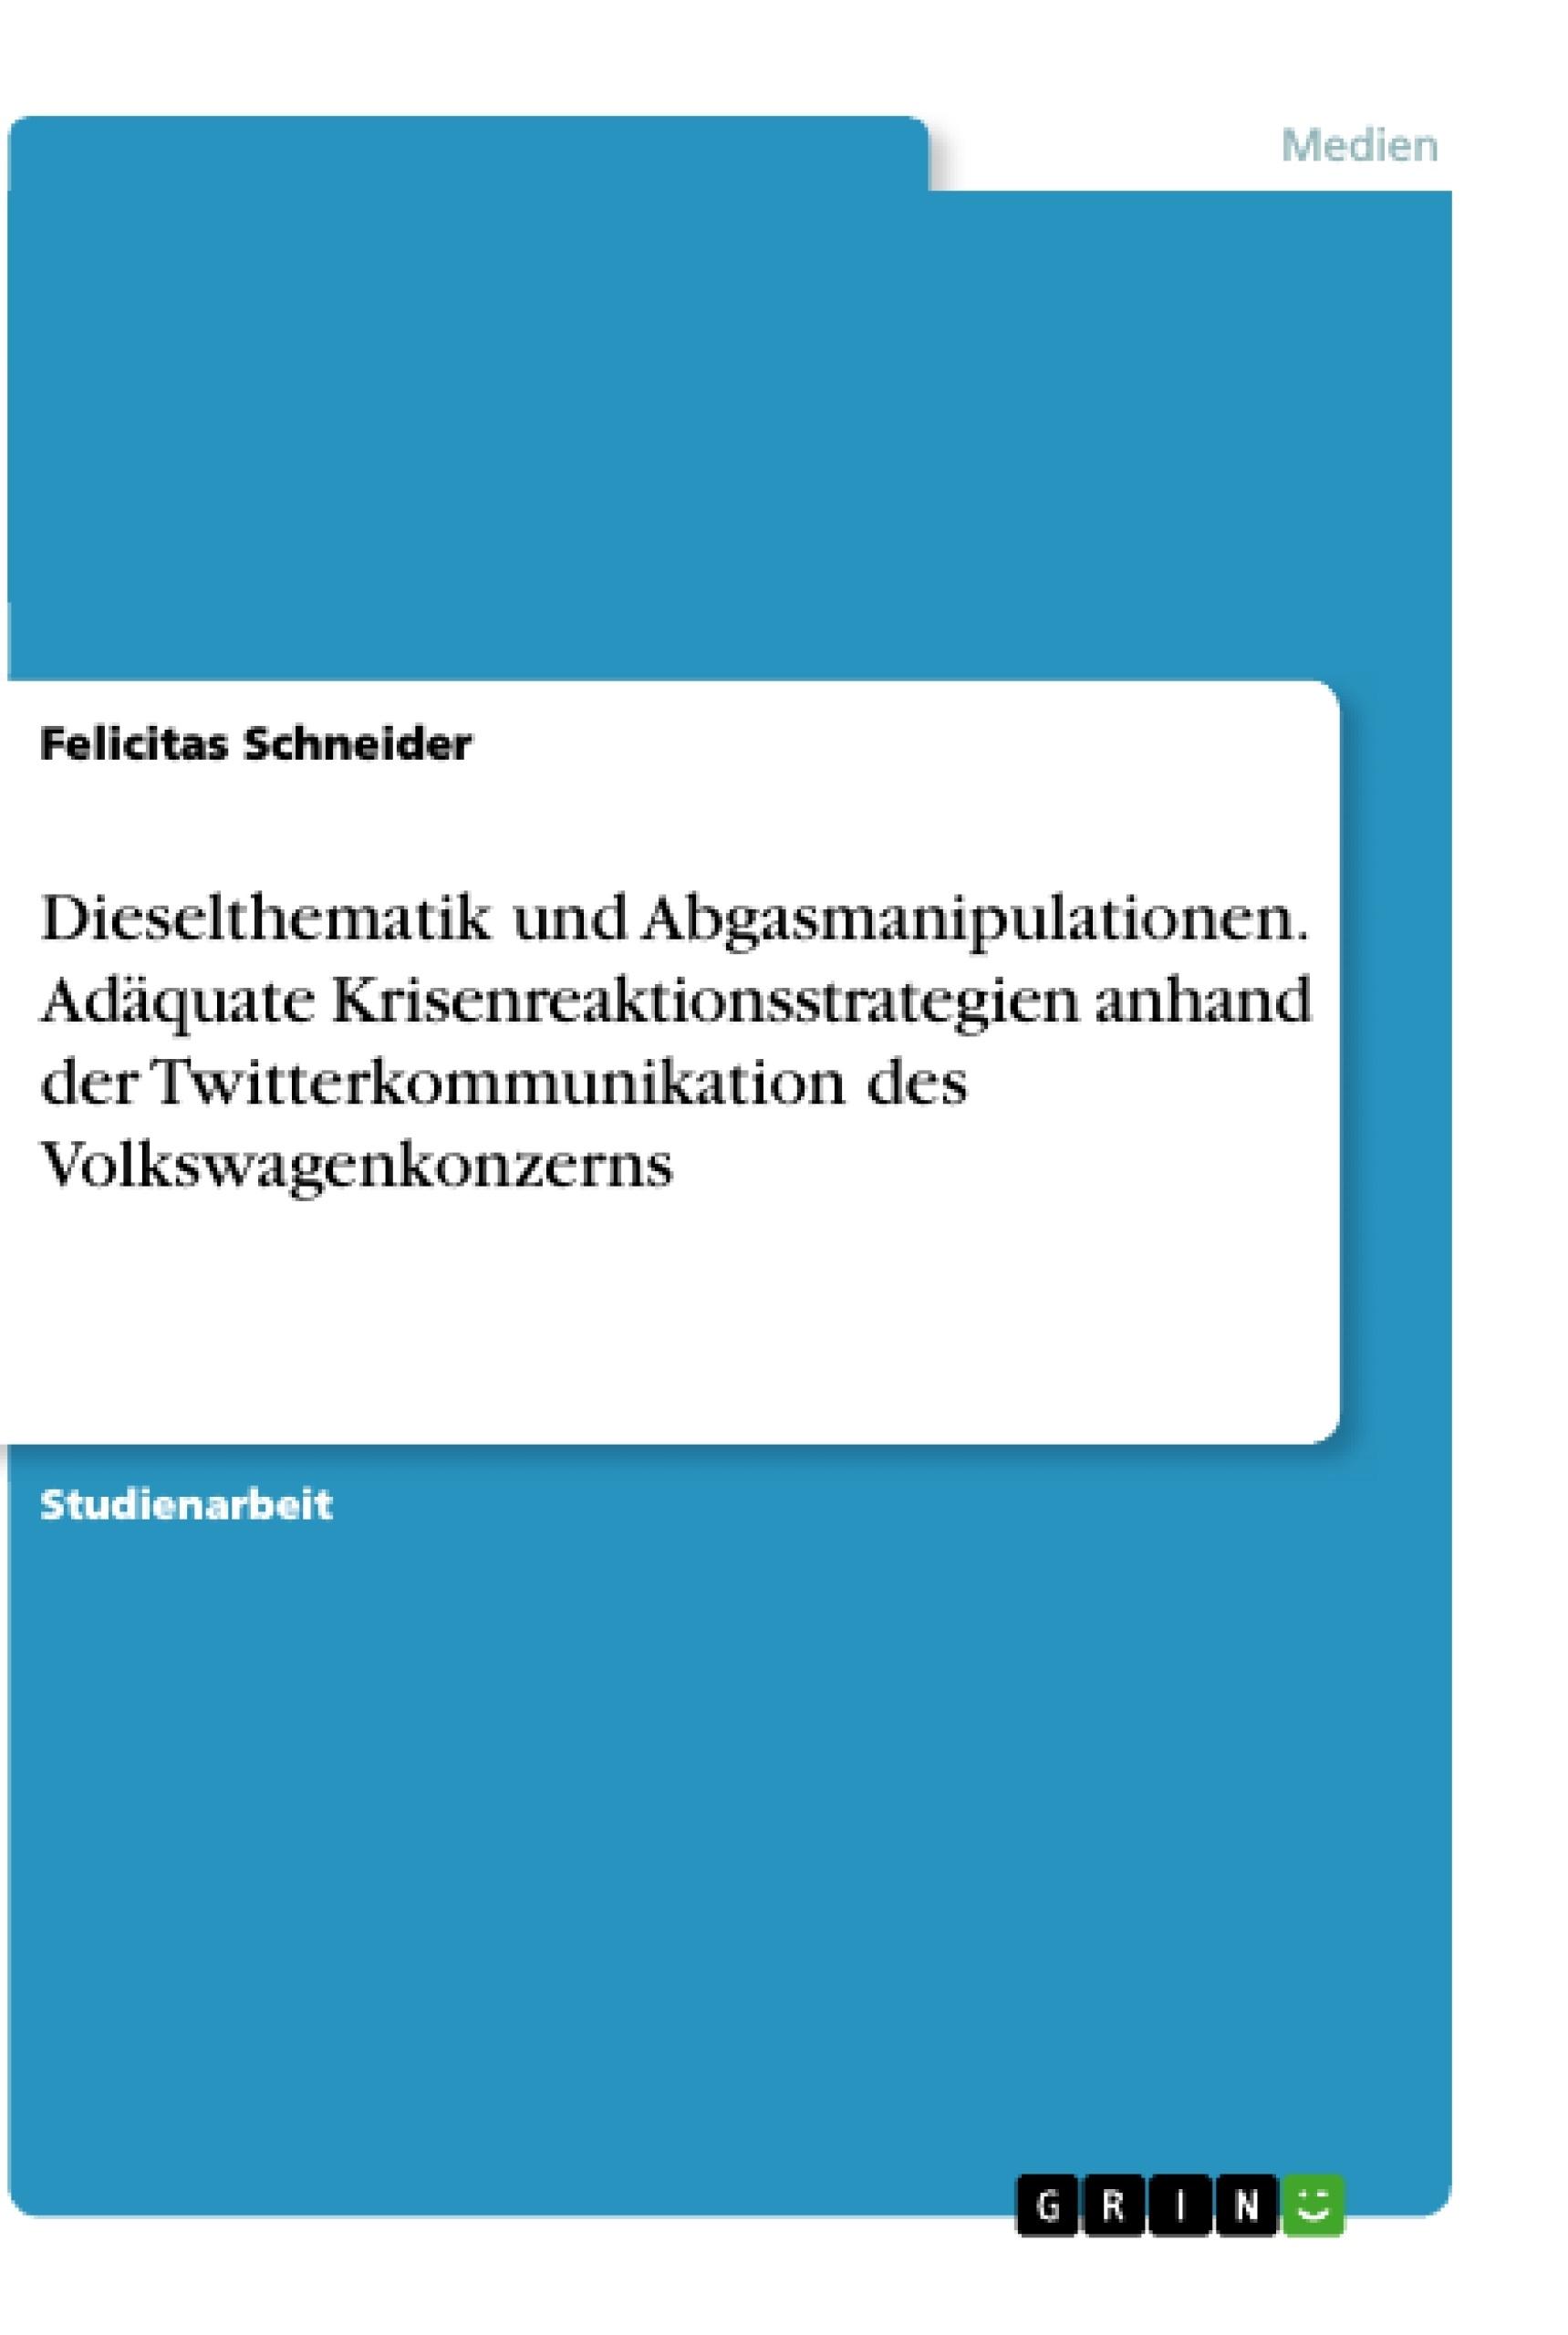 Titel: Dieselthematik und Abgasmanipulationen. Adäquate Krisenreaktionsstrategien anhand der Twitterkommunikation des Volkswagenkonzerns